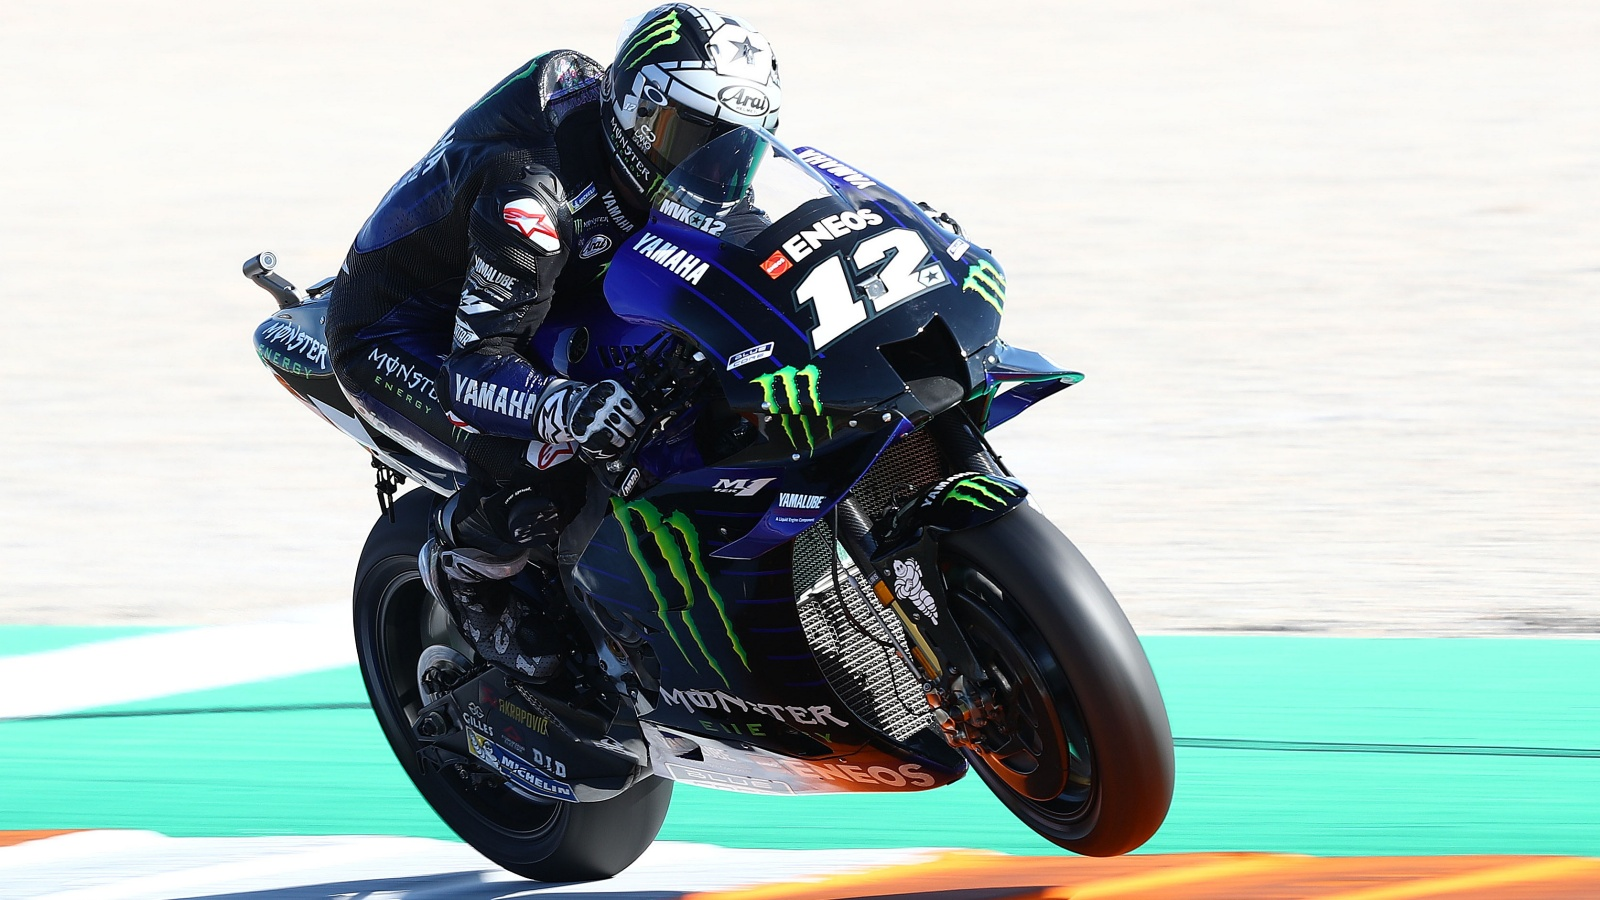 MotoGP 2020 arranca con Yamaha muy destacada y Ducati bastante estancada